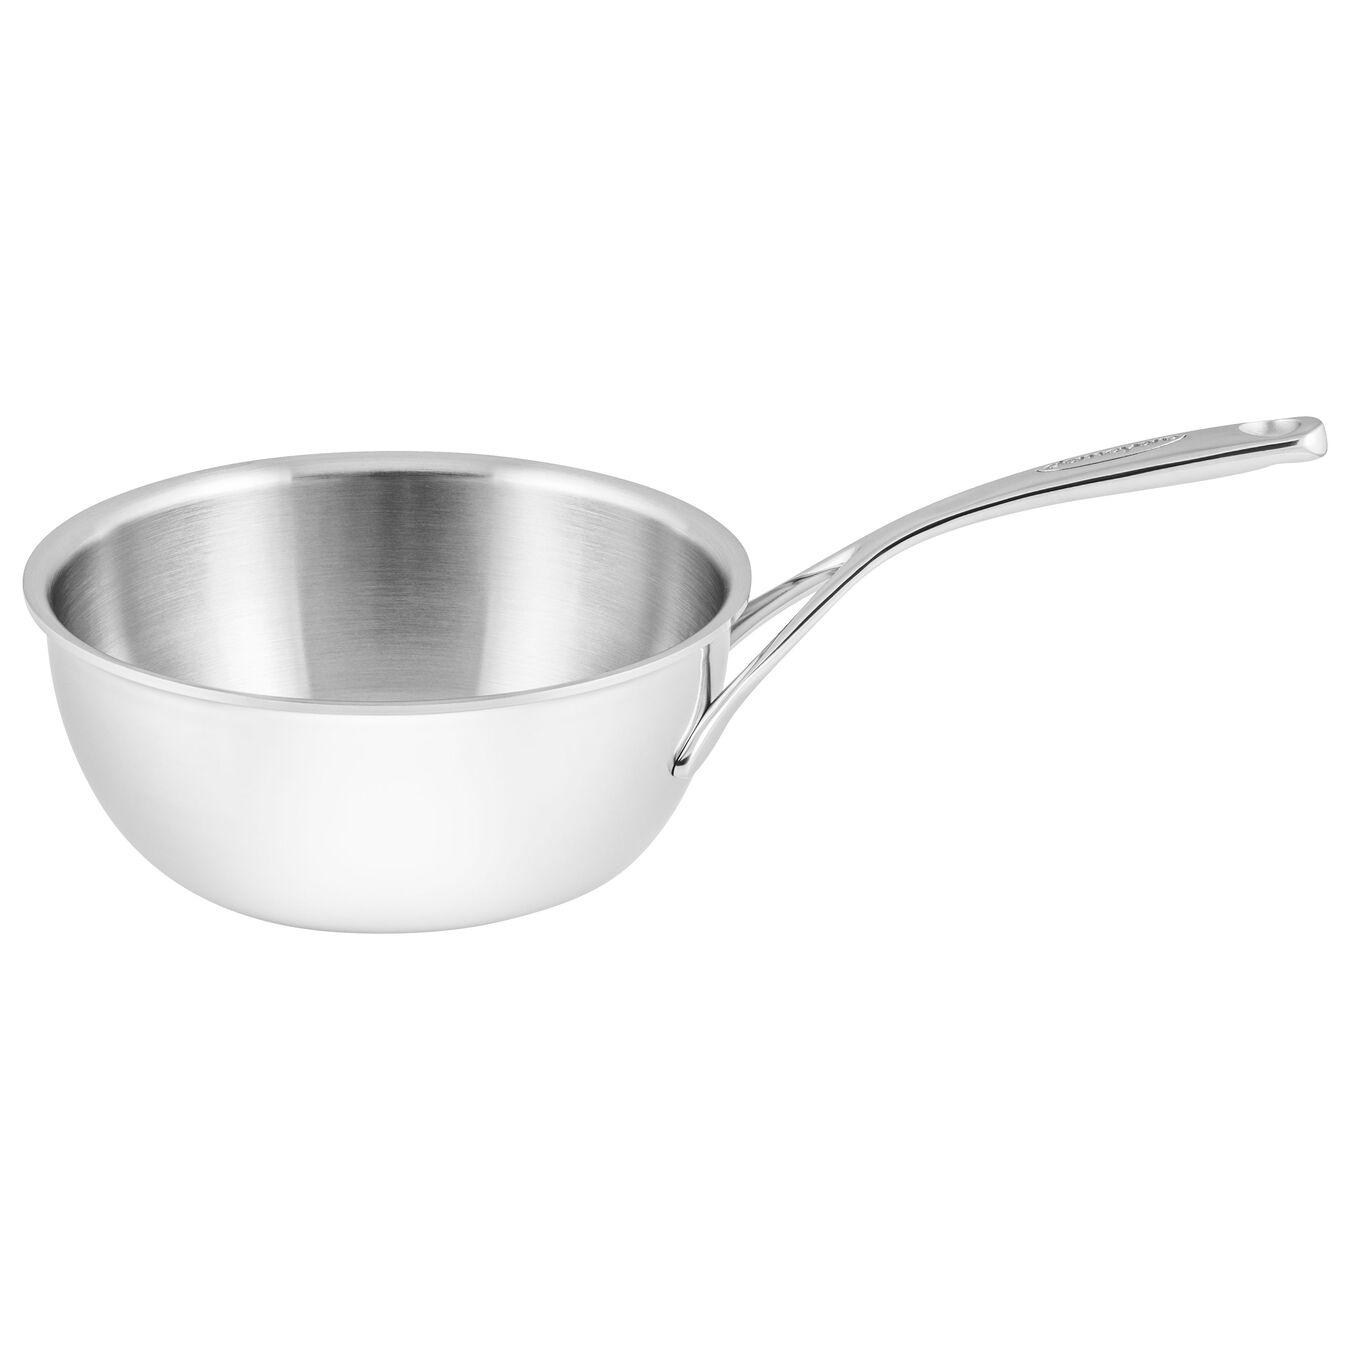 2 l Conical Sauté Pan,,large 1